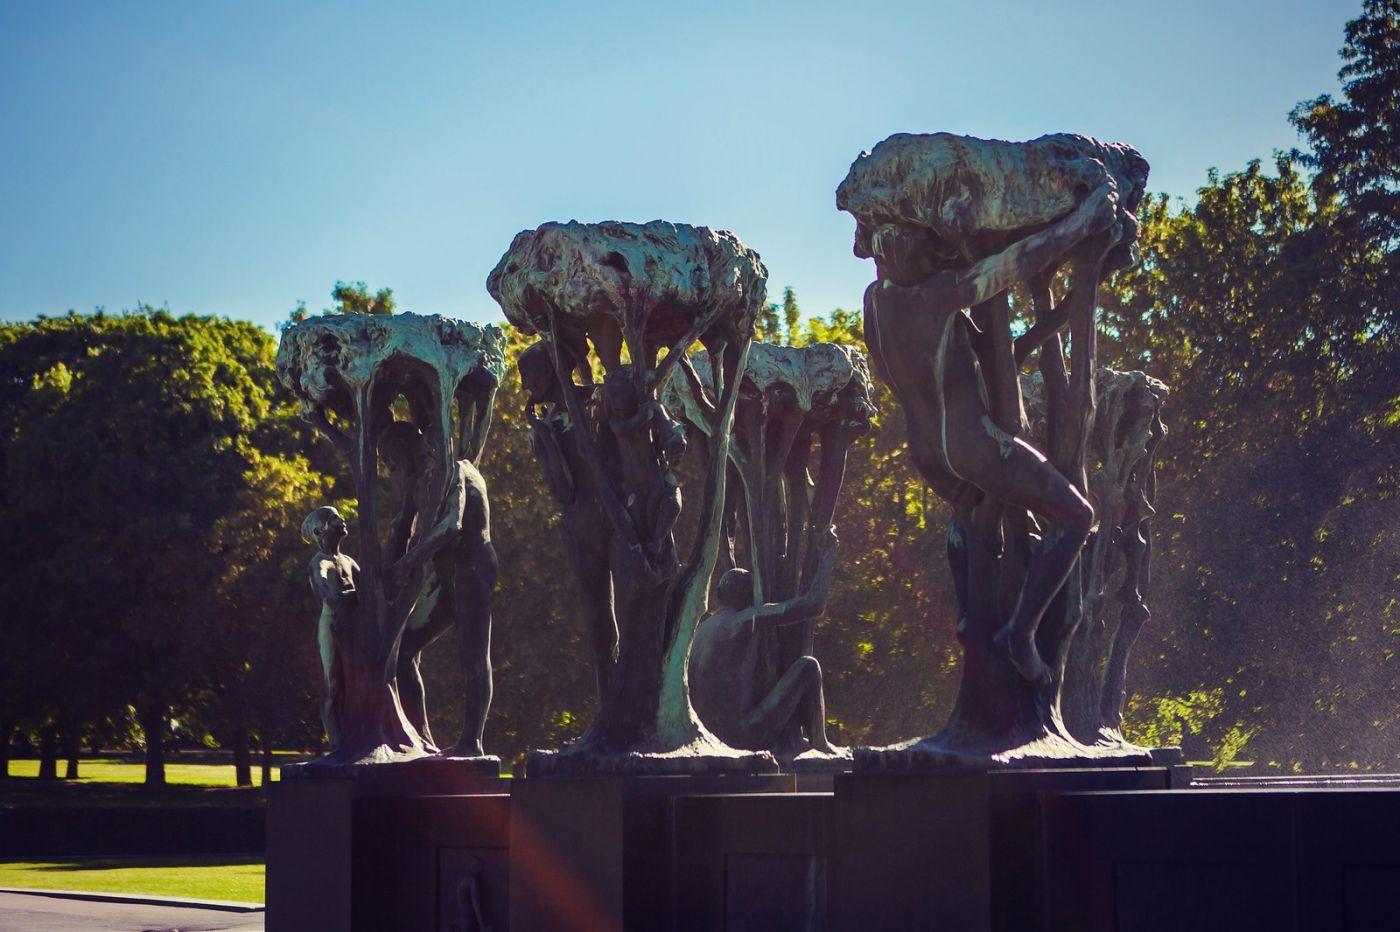 挪威维格兰雕塑公园,风格明显_图1-22